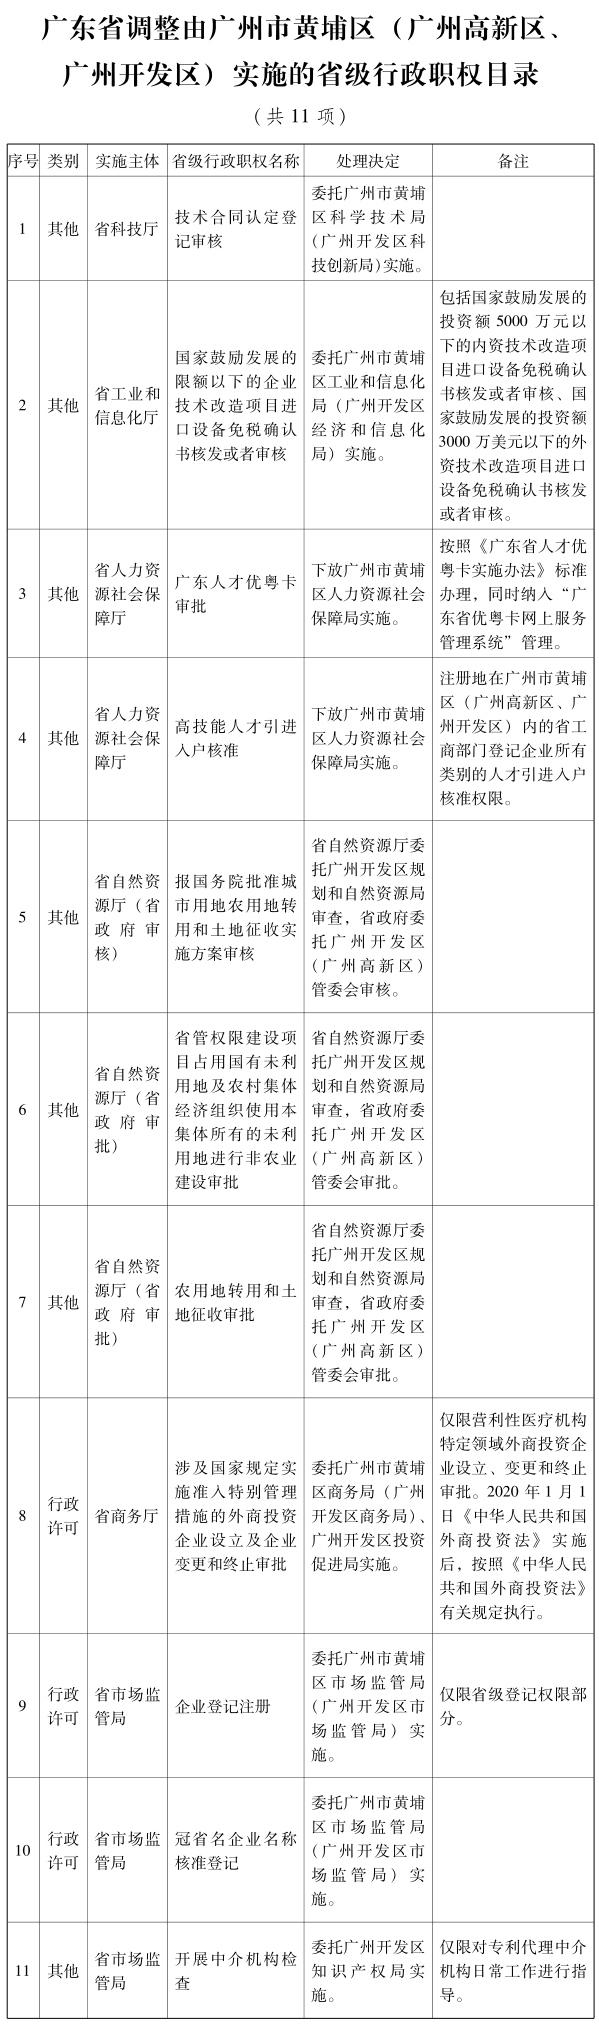 广东省调整由广州市黄埔区(广州高新区、广州开发区)实施的省级行政职权目录(共11项)